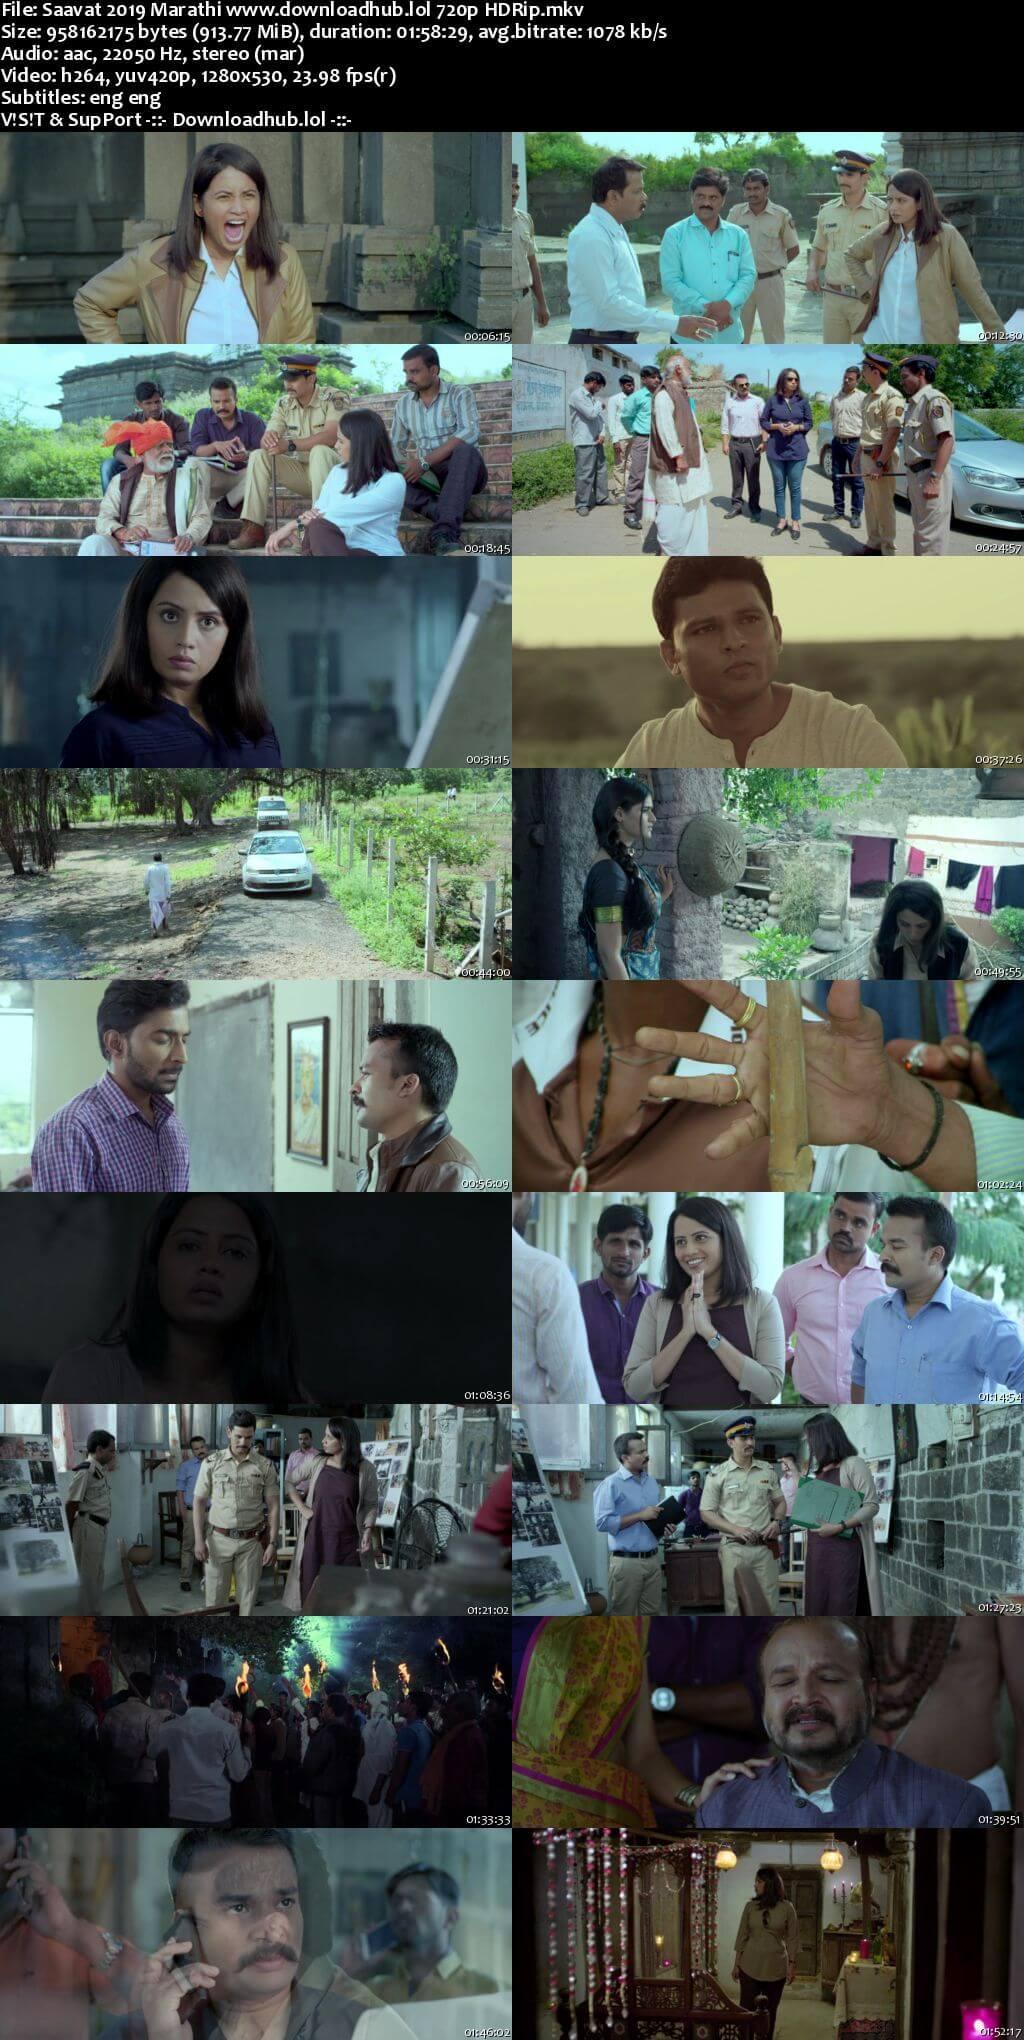 Saavat 2019 Marathi 720p HDRip ESubs